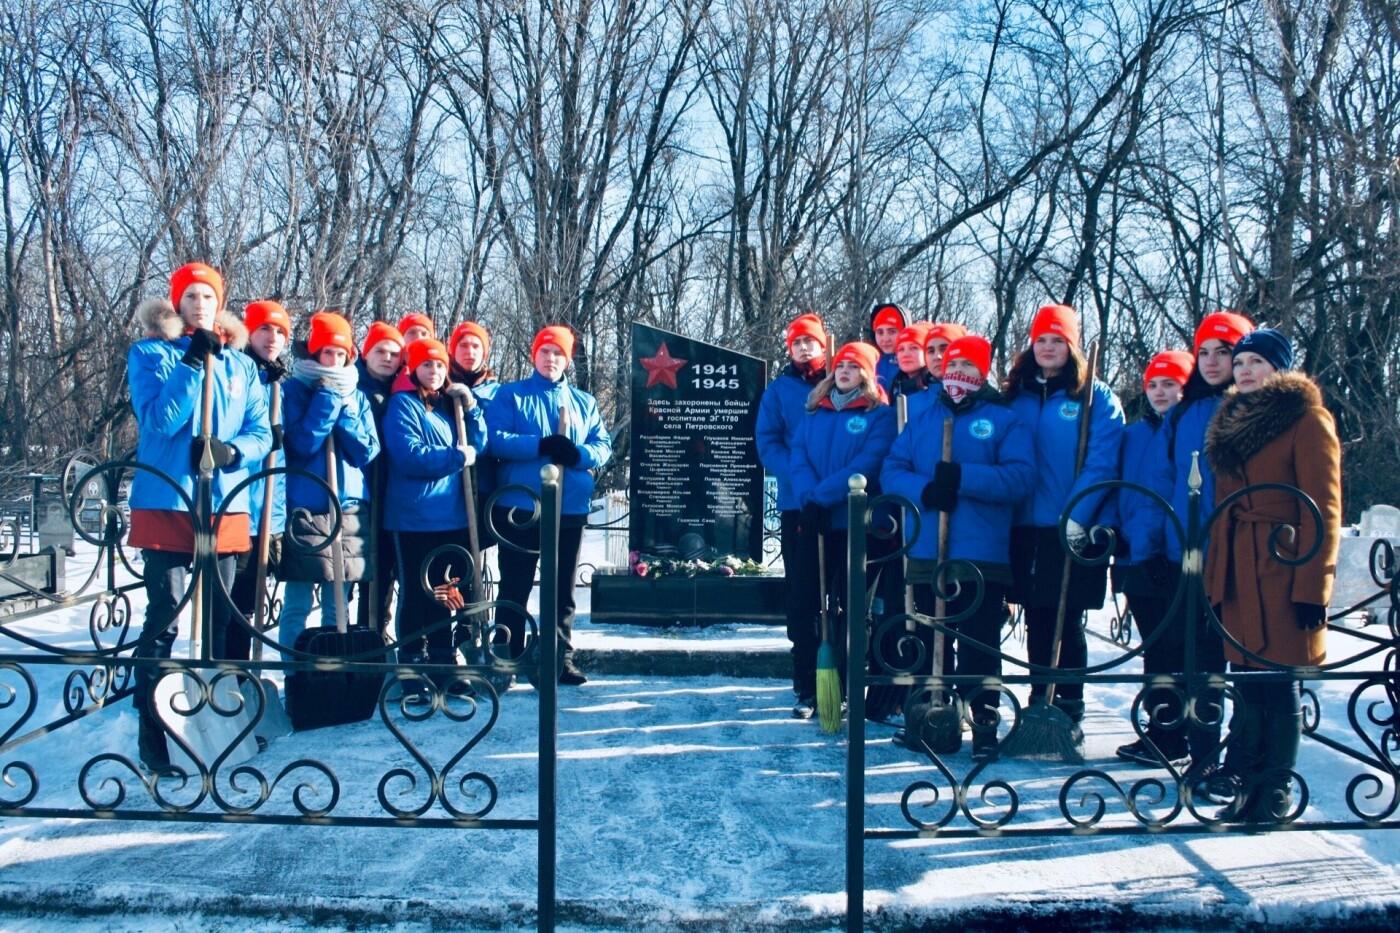 Тамбовский филиал РАНХиГС присоединился ко Всероссийской патриотической акции «Снежный десант», фото-3